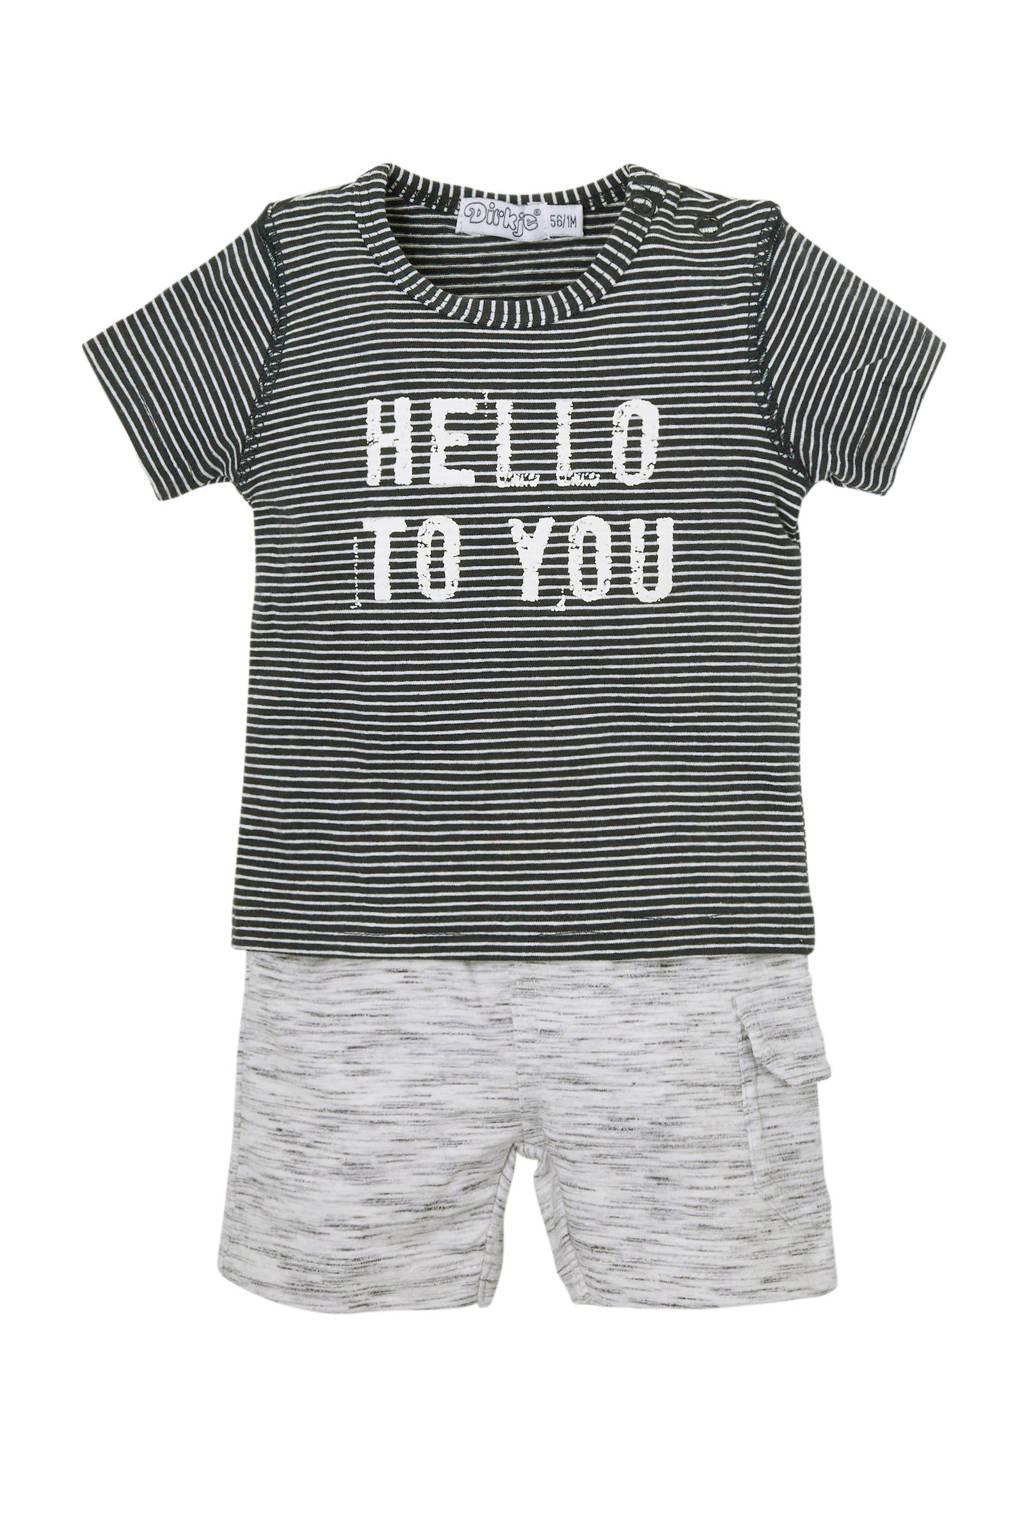 Dirkje baby gestreepte T-shirt + short donkerblauw, donkerblauw/wit/grijs